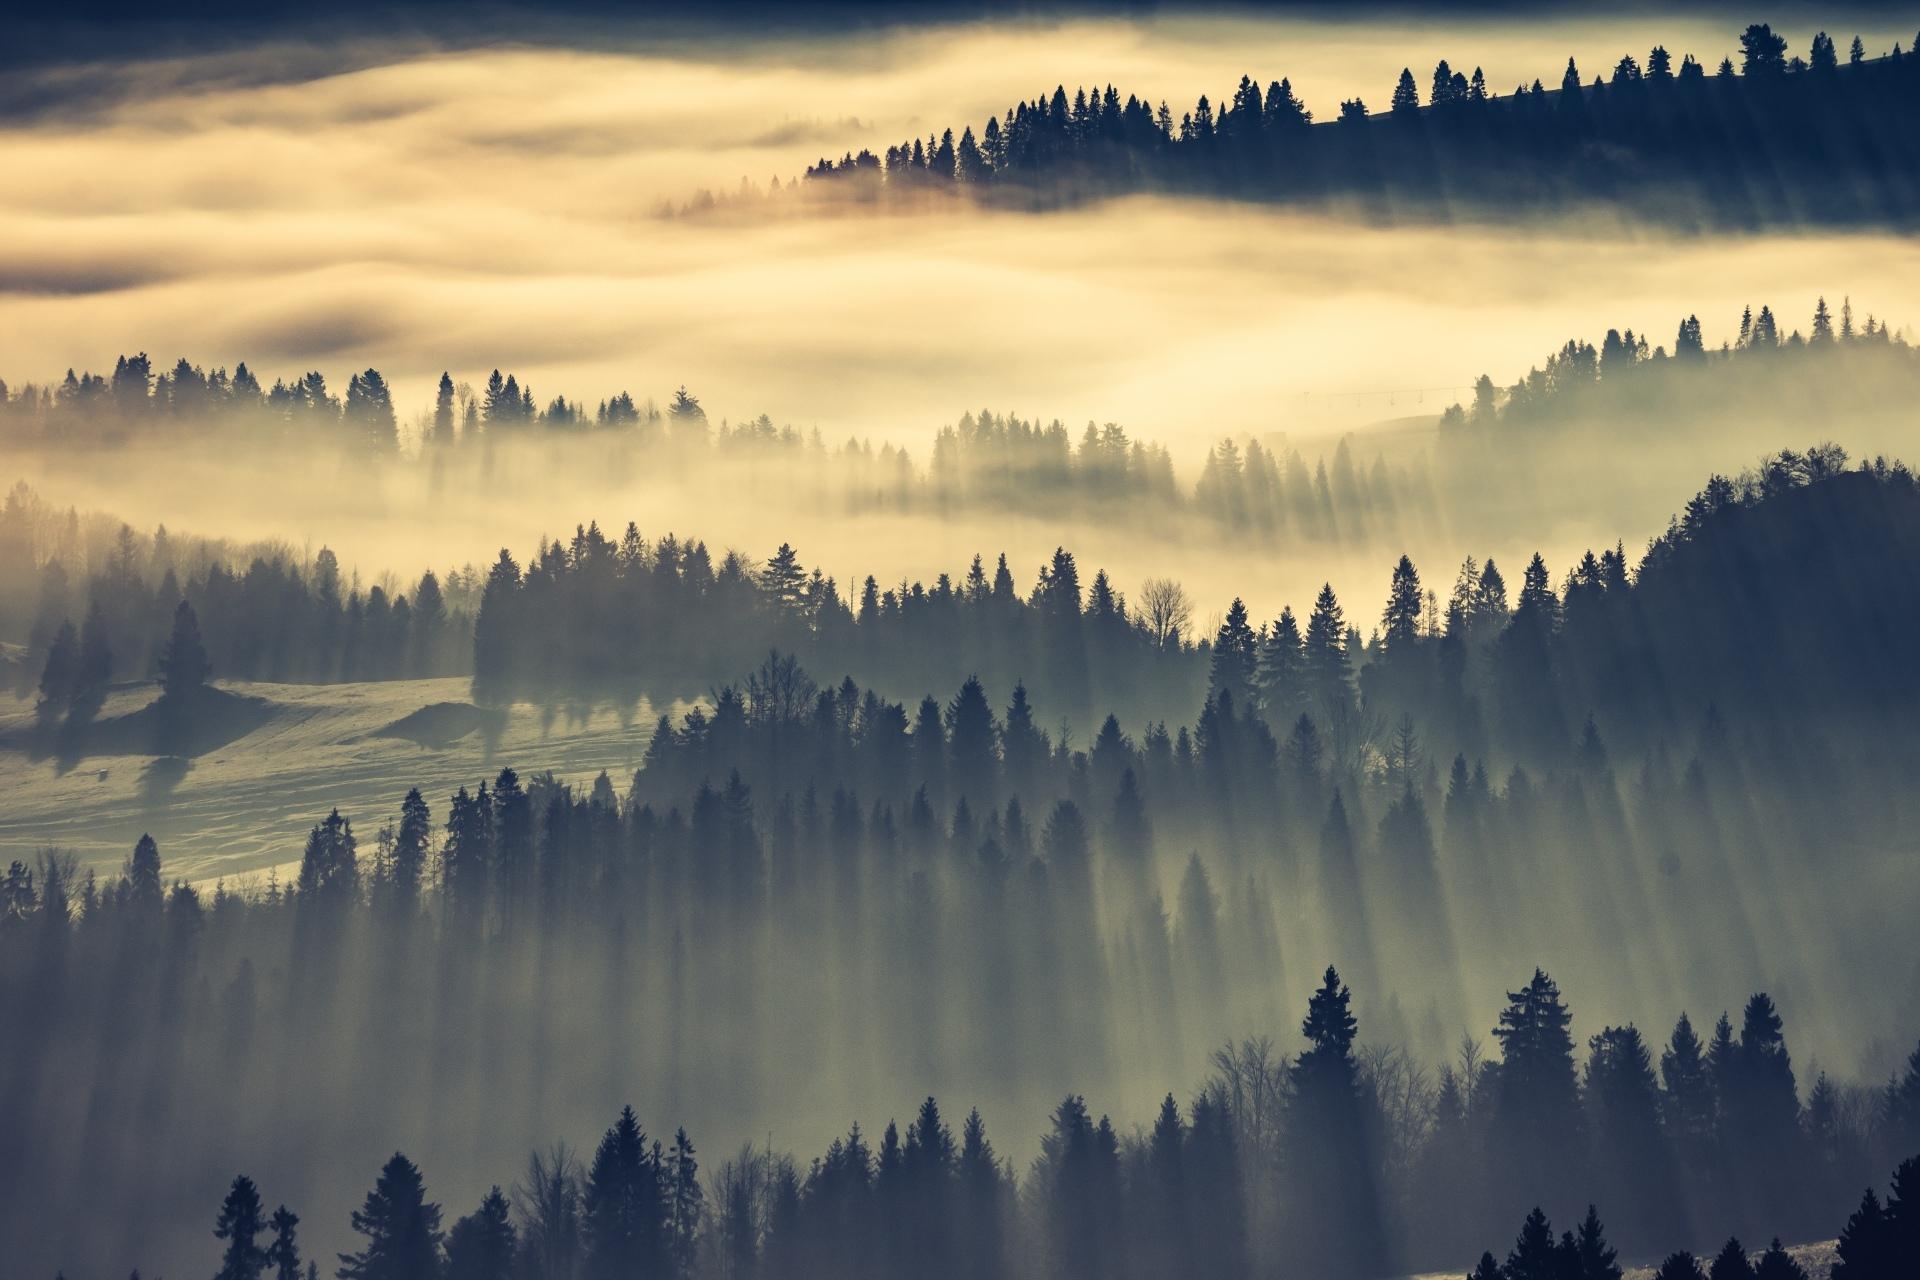 朝霧の森の風景 ポーランドの風景